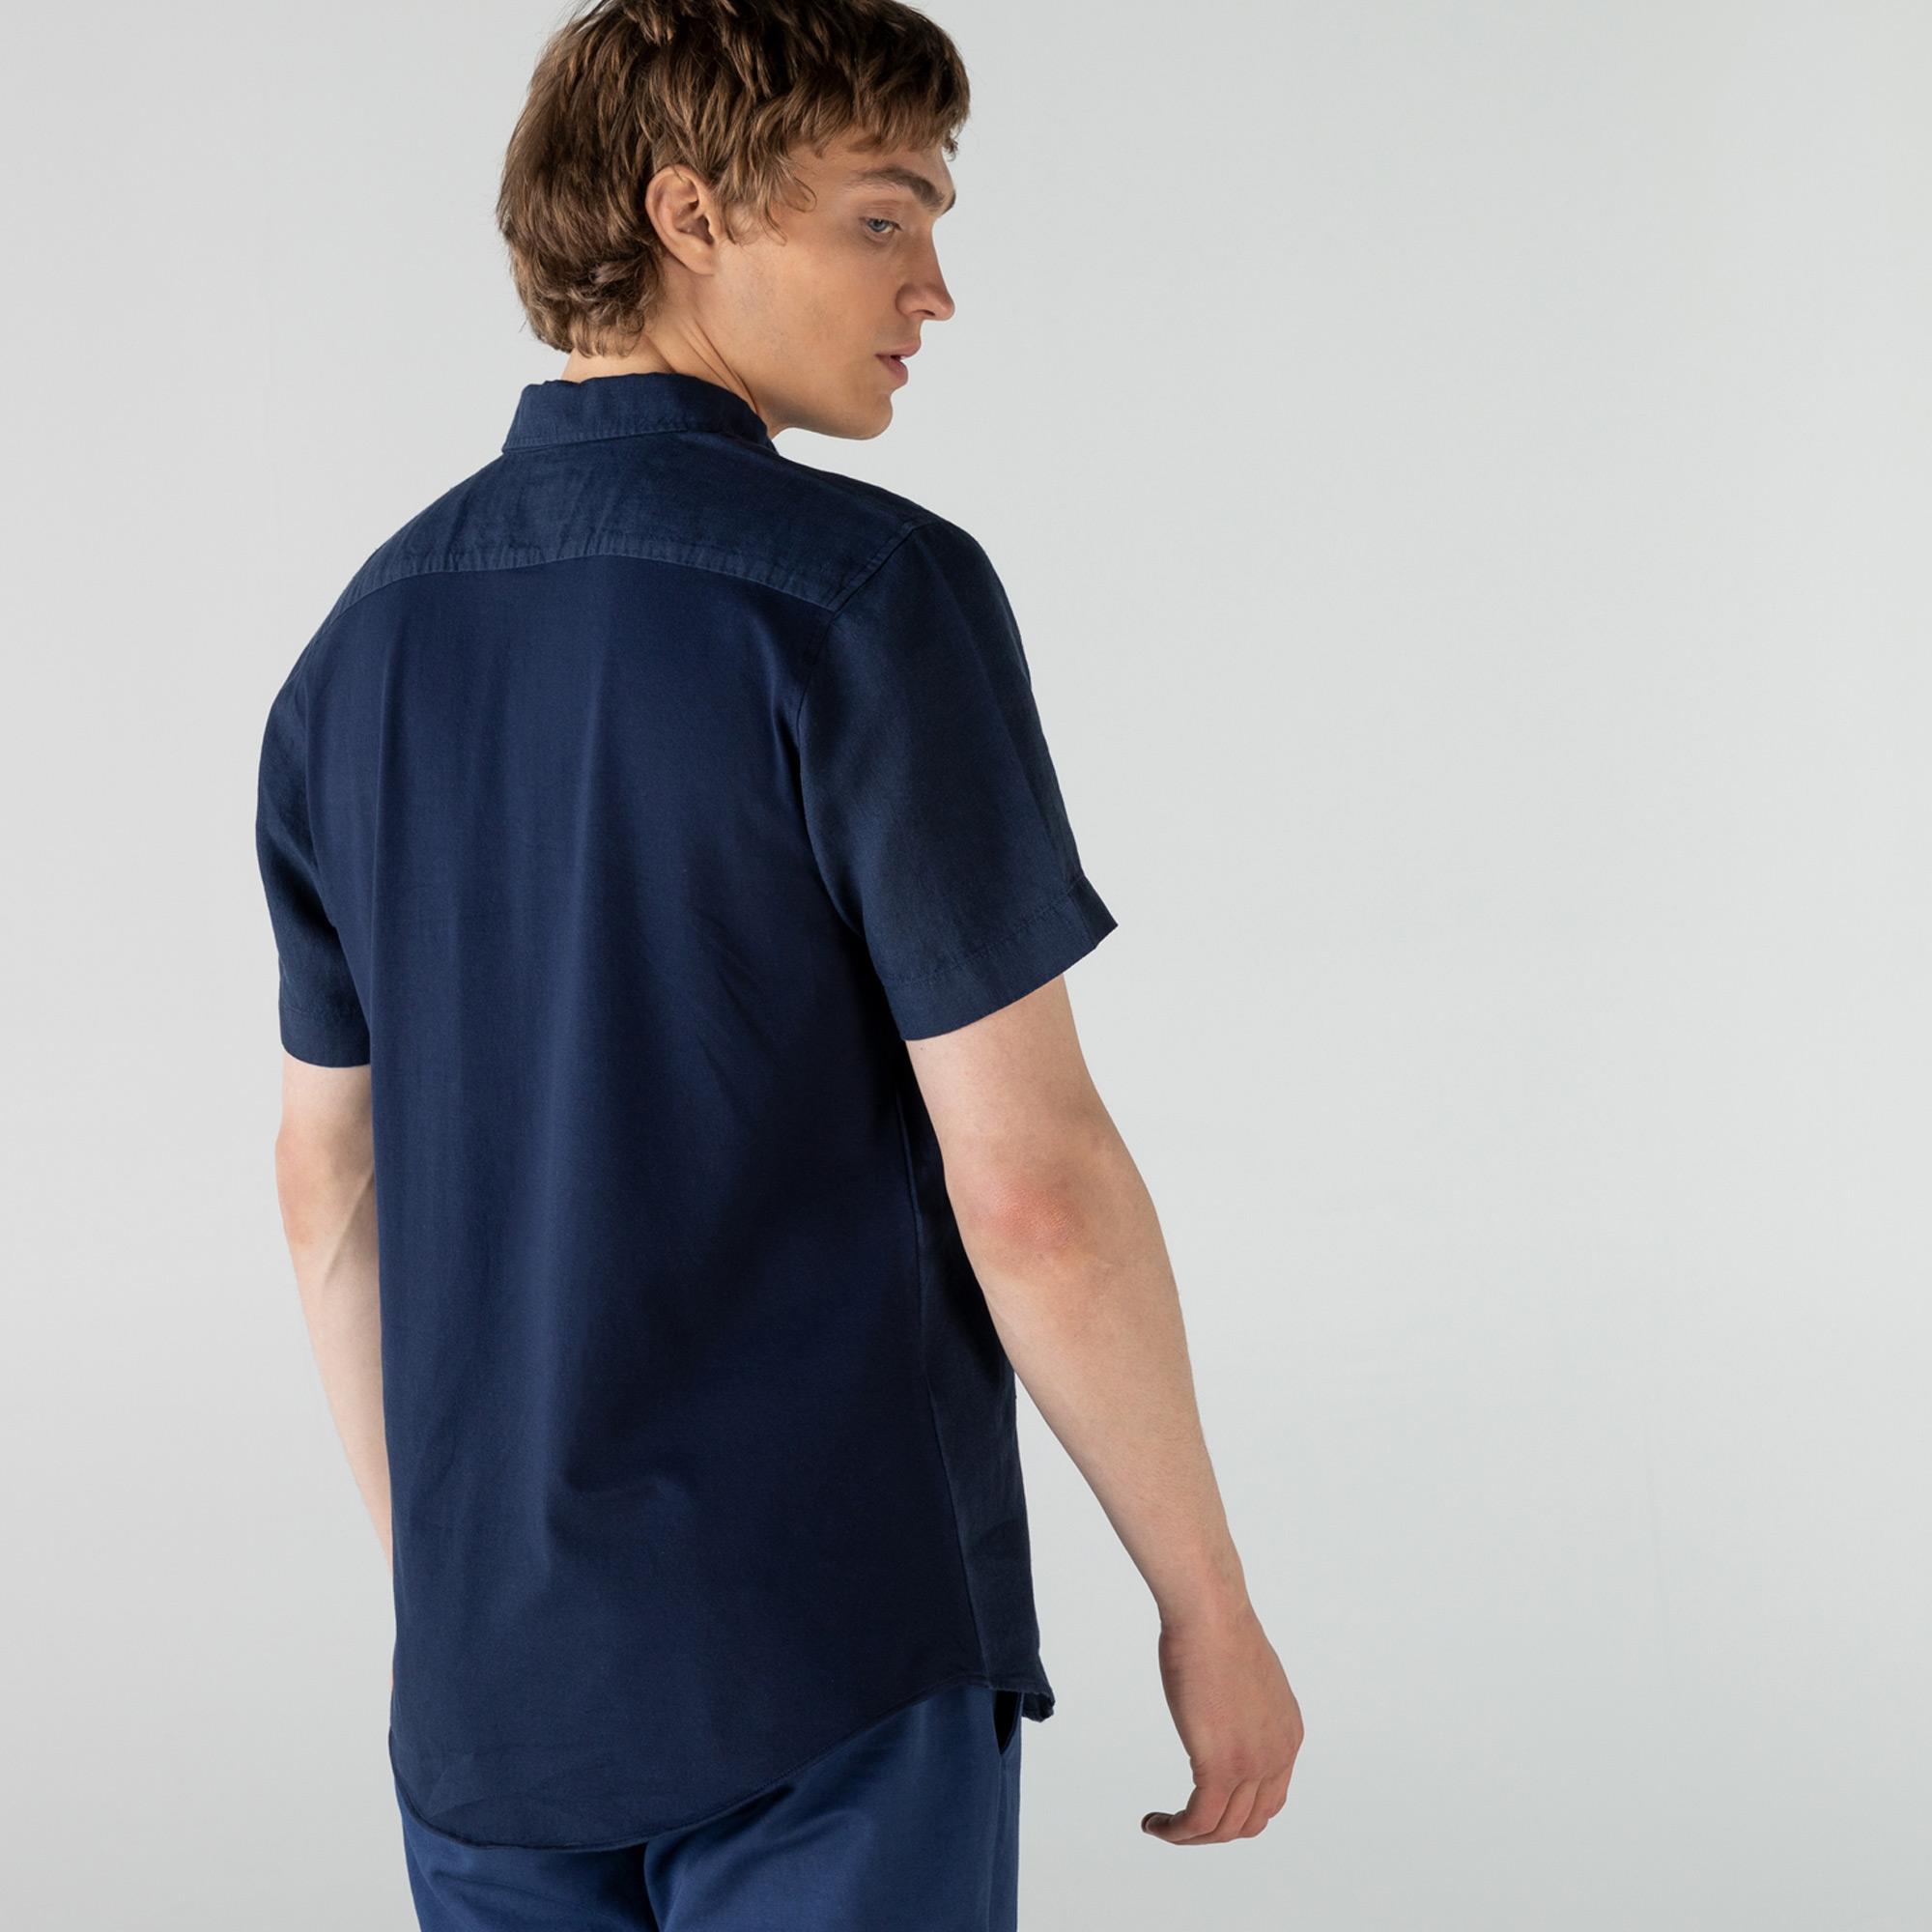 Lacoste Erkek Regular Fit Düğmeli Yaka Keten Kısa Kollu Lacivert Gömlek